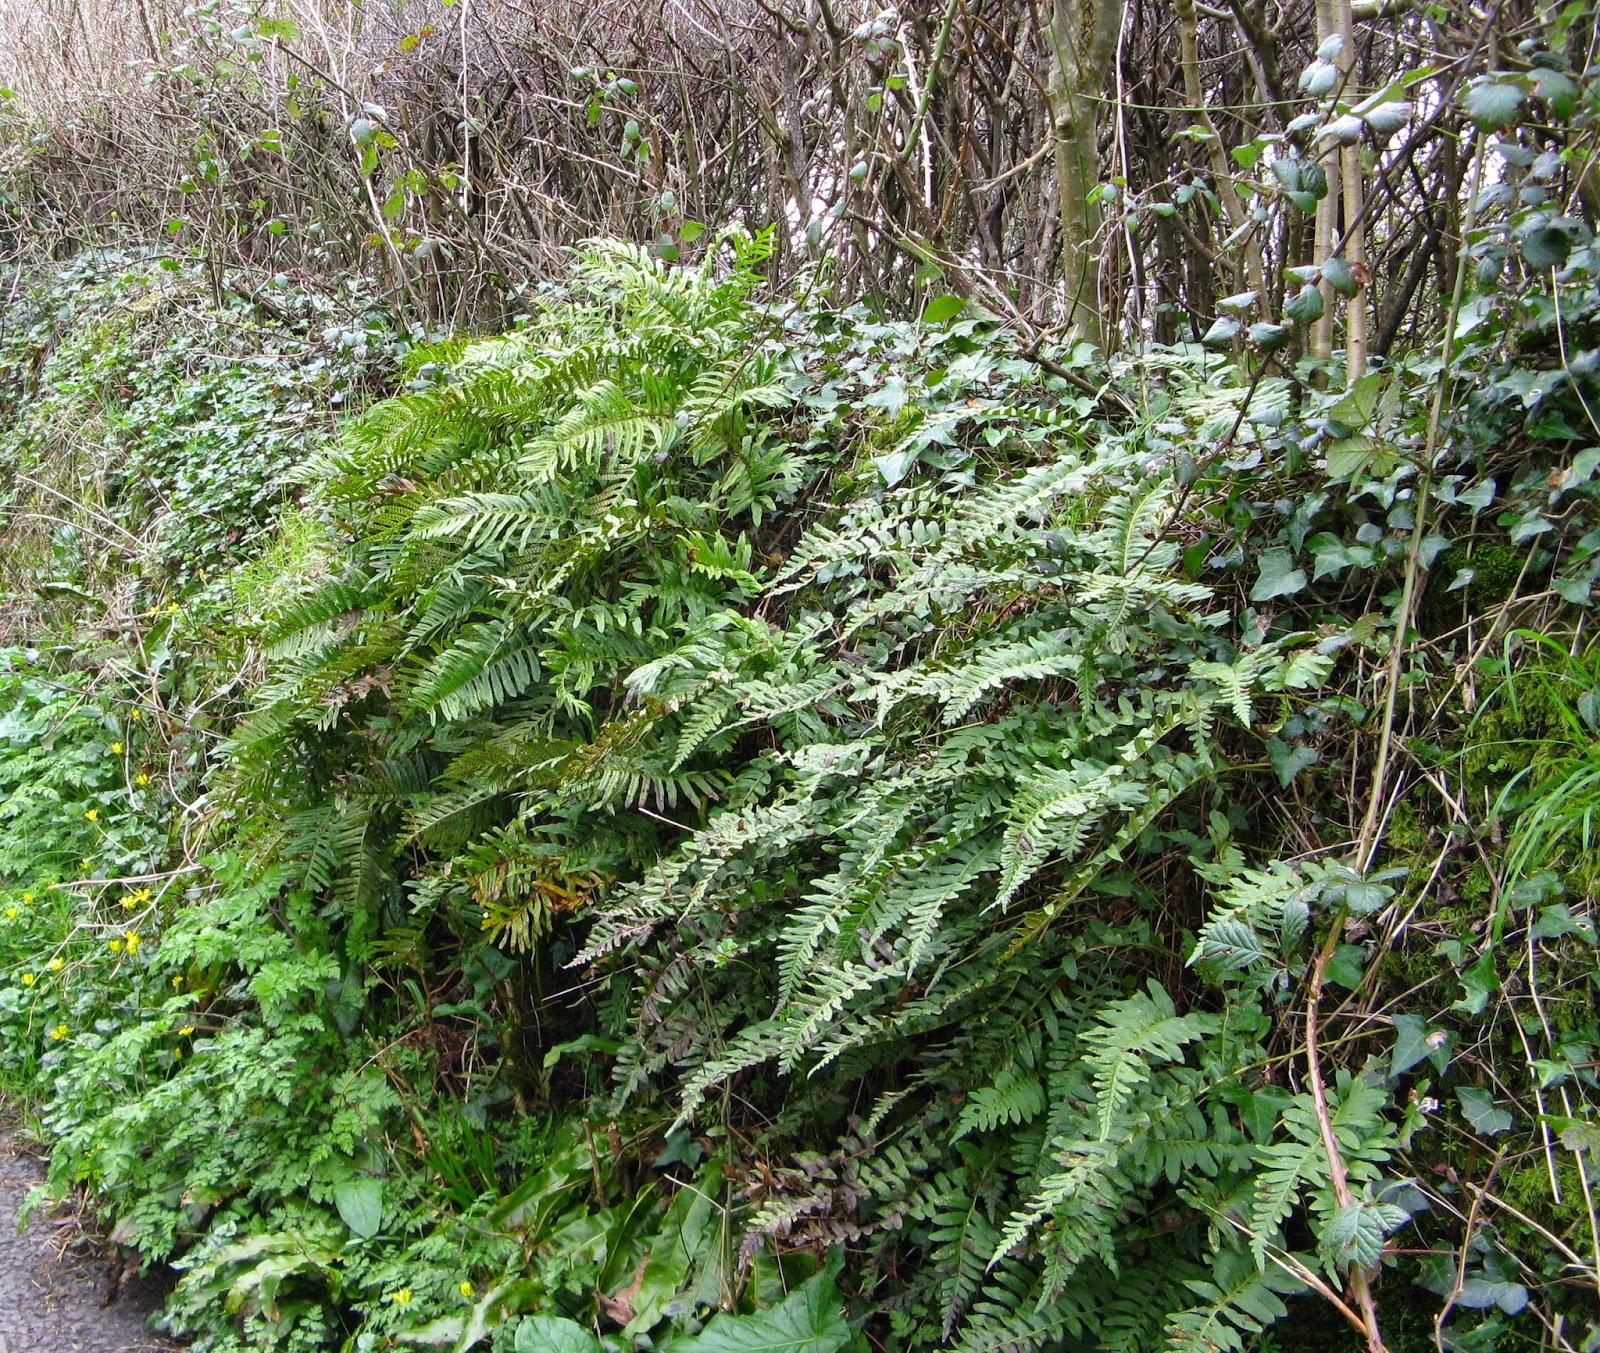 Polypodium cambricum hedgebank habitat